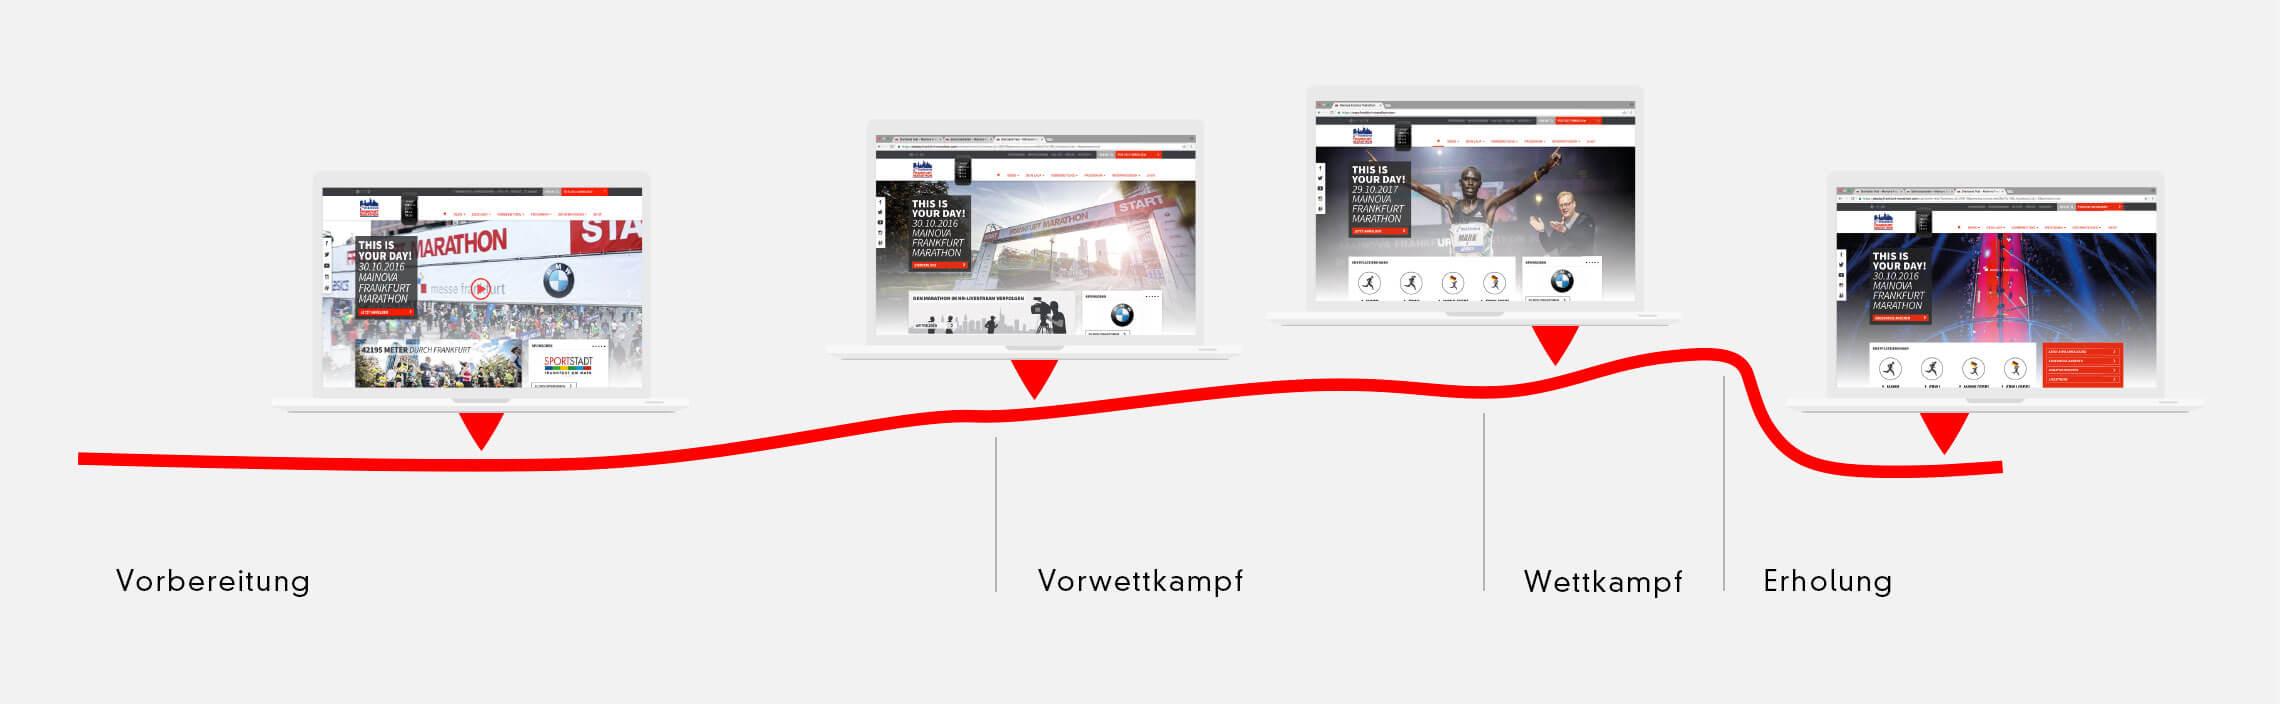 360VIER_Frankfurt-Marathon_Case-Study_Konzept-02 Frankfurt Marathon